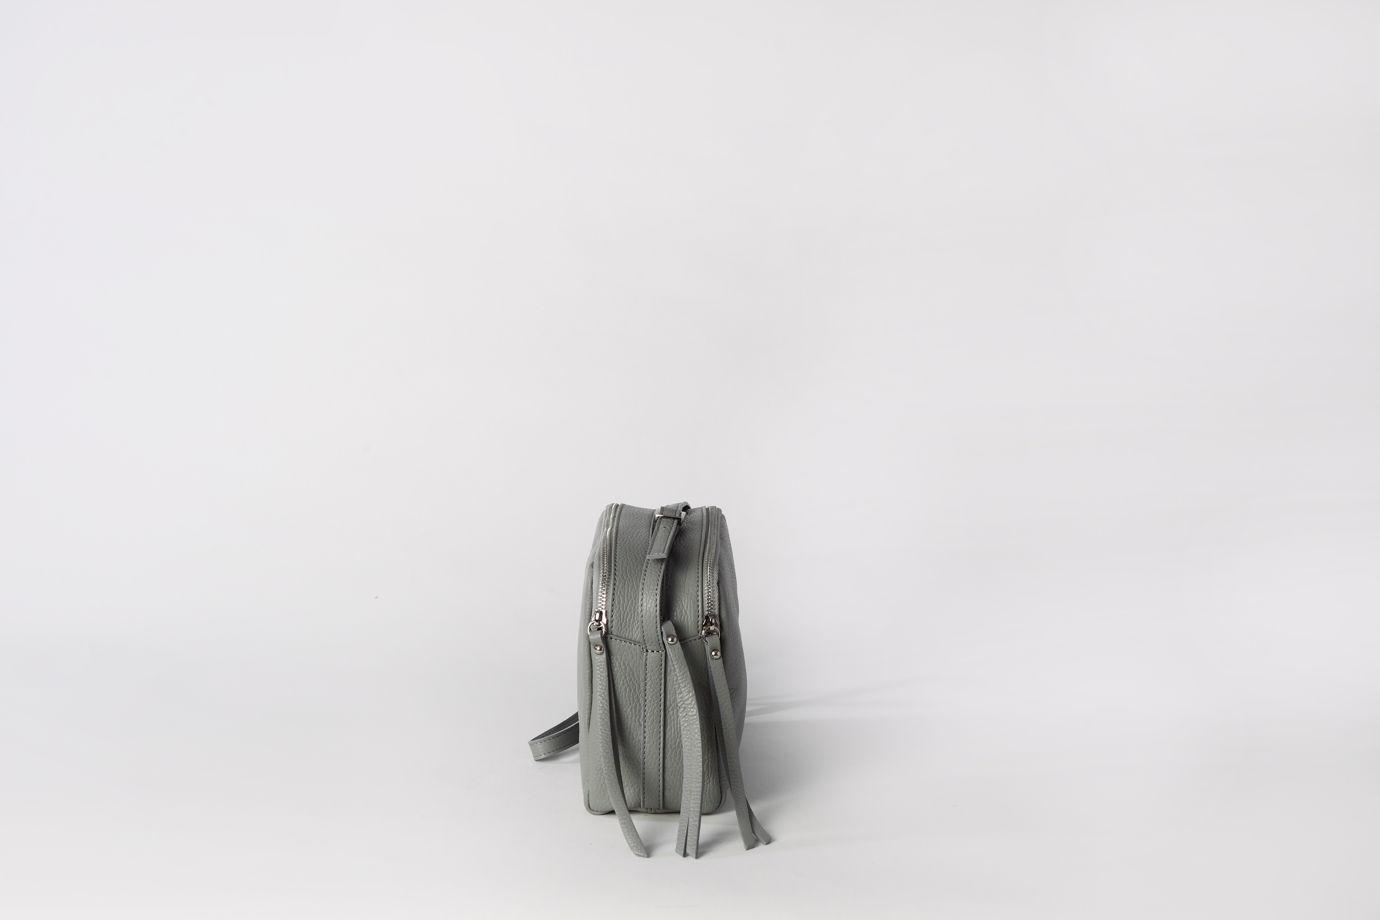 Вместительная сумка через плечо (Crossbody) с тремя секциями на молнии в наличии в Москве